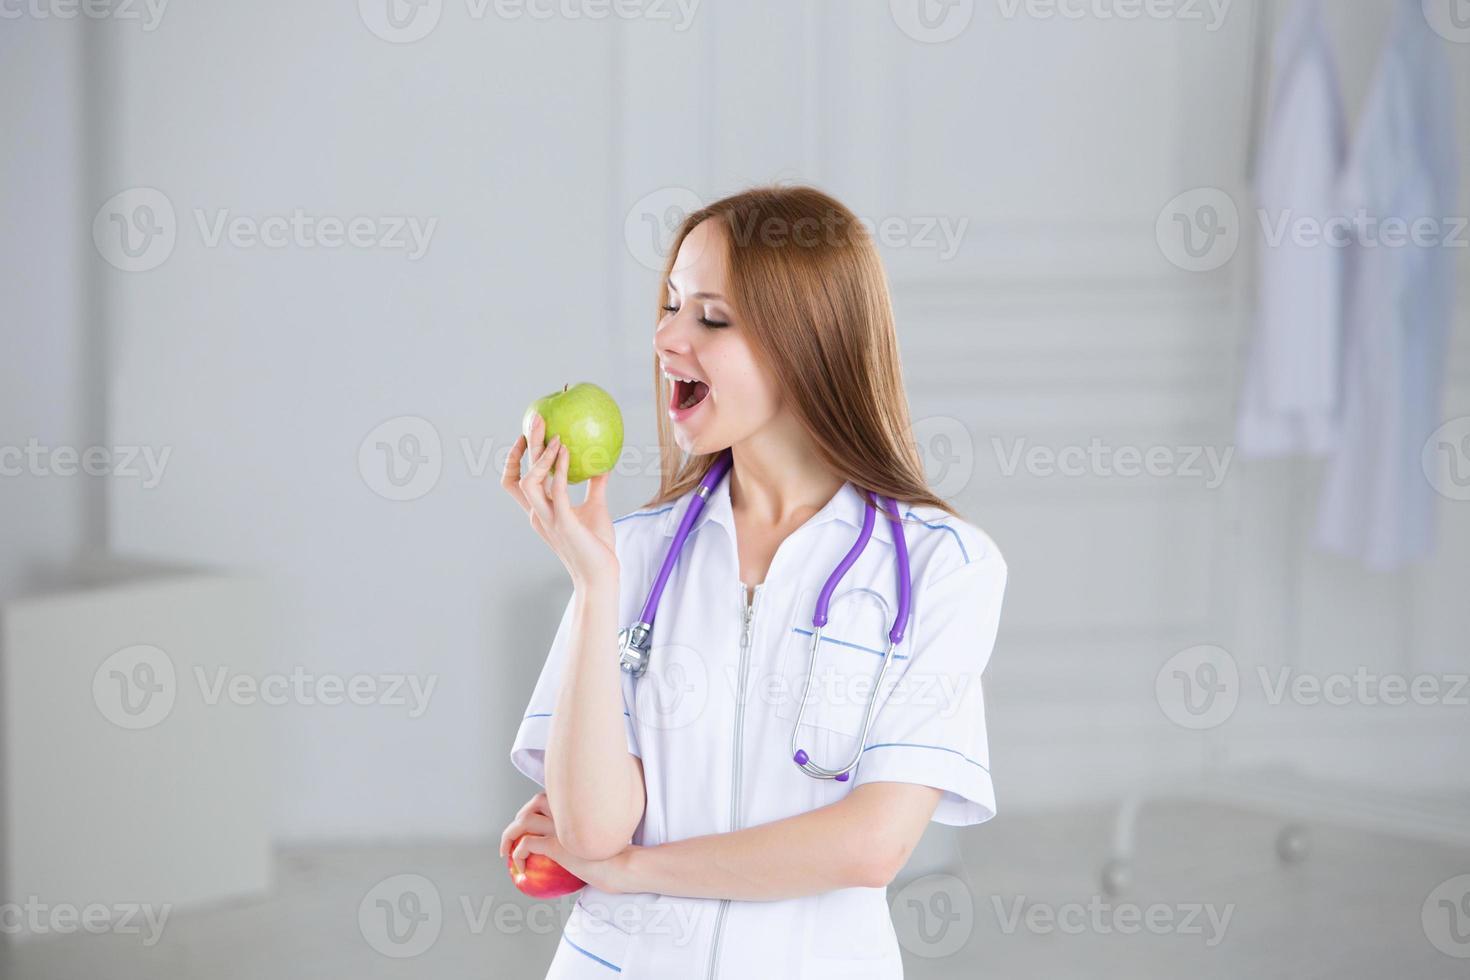 médico mordendo uma maçã verde. foto